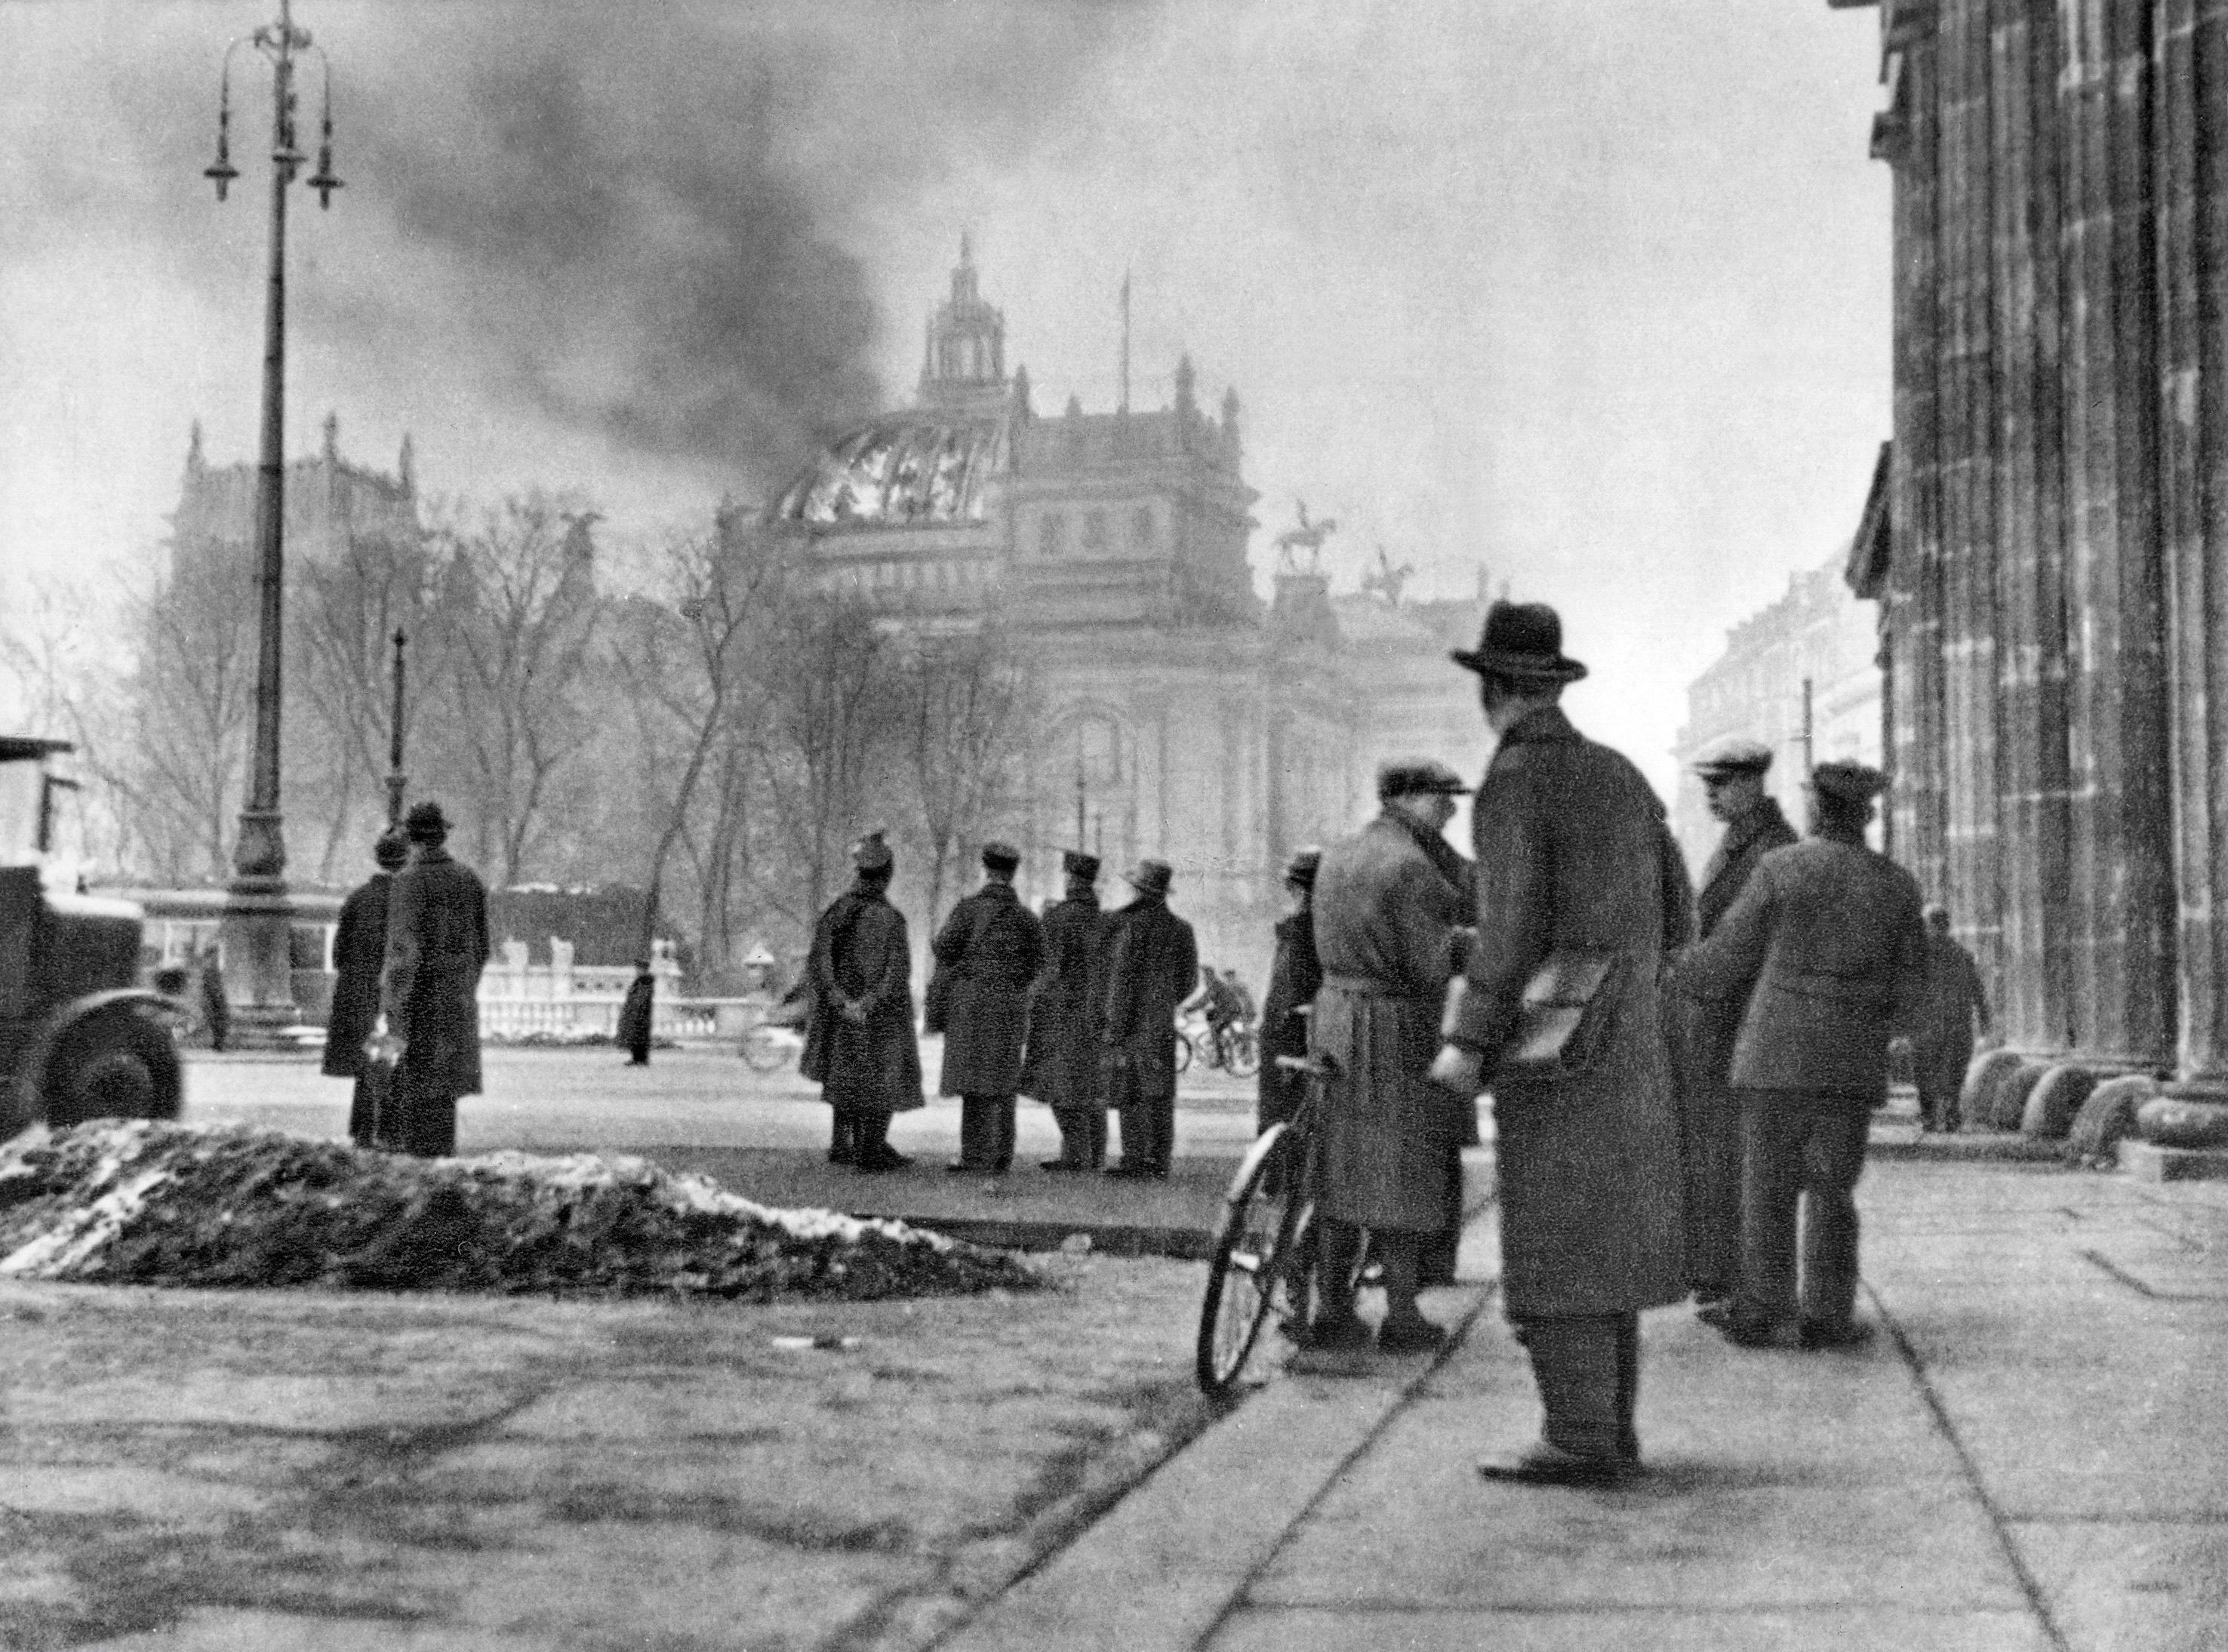 Incendio del Reichstag, en febrero de 1933.